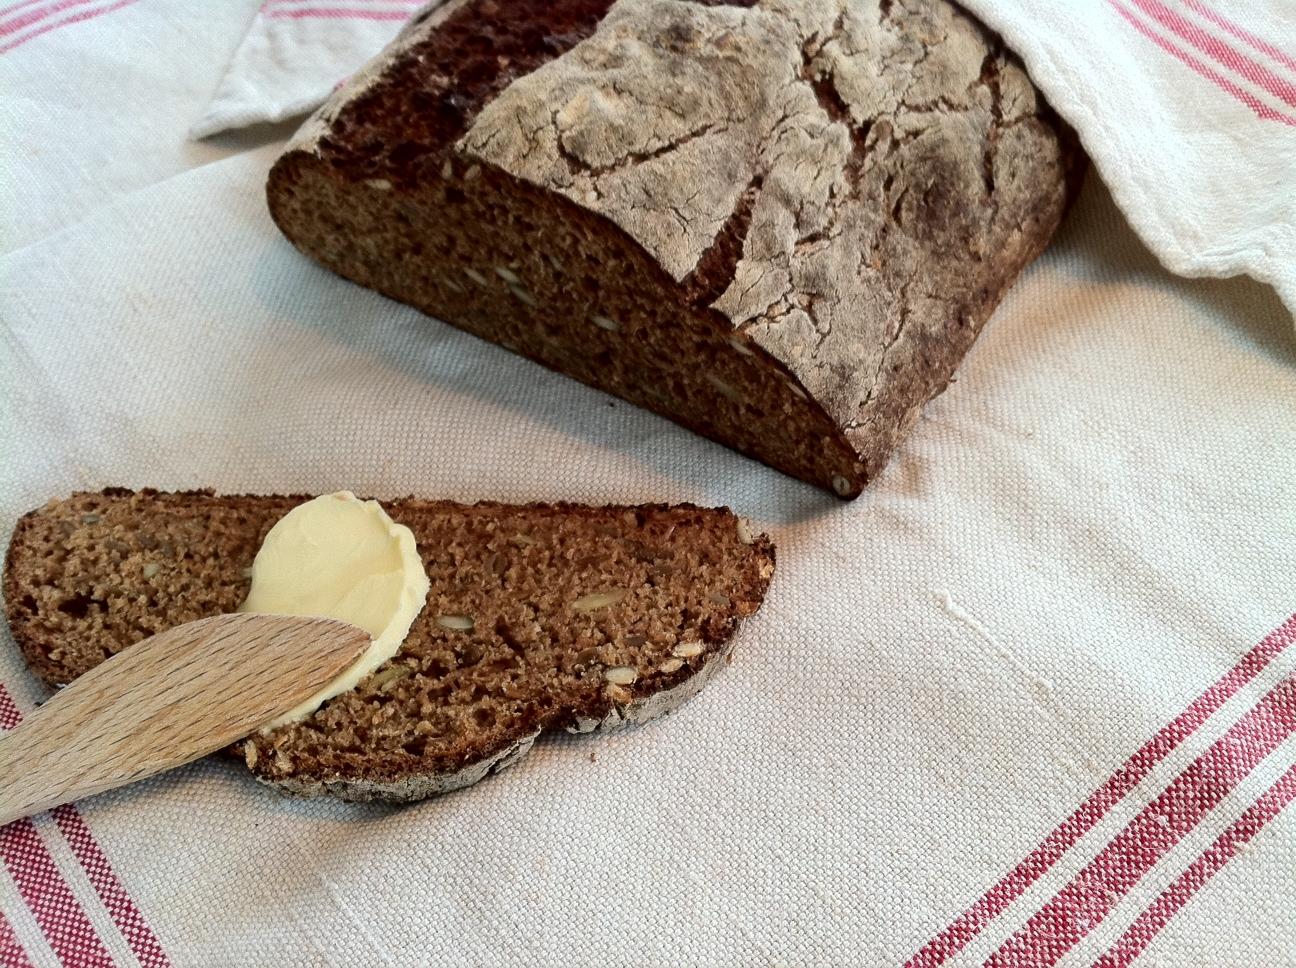 bröd kli solrosfrön